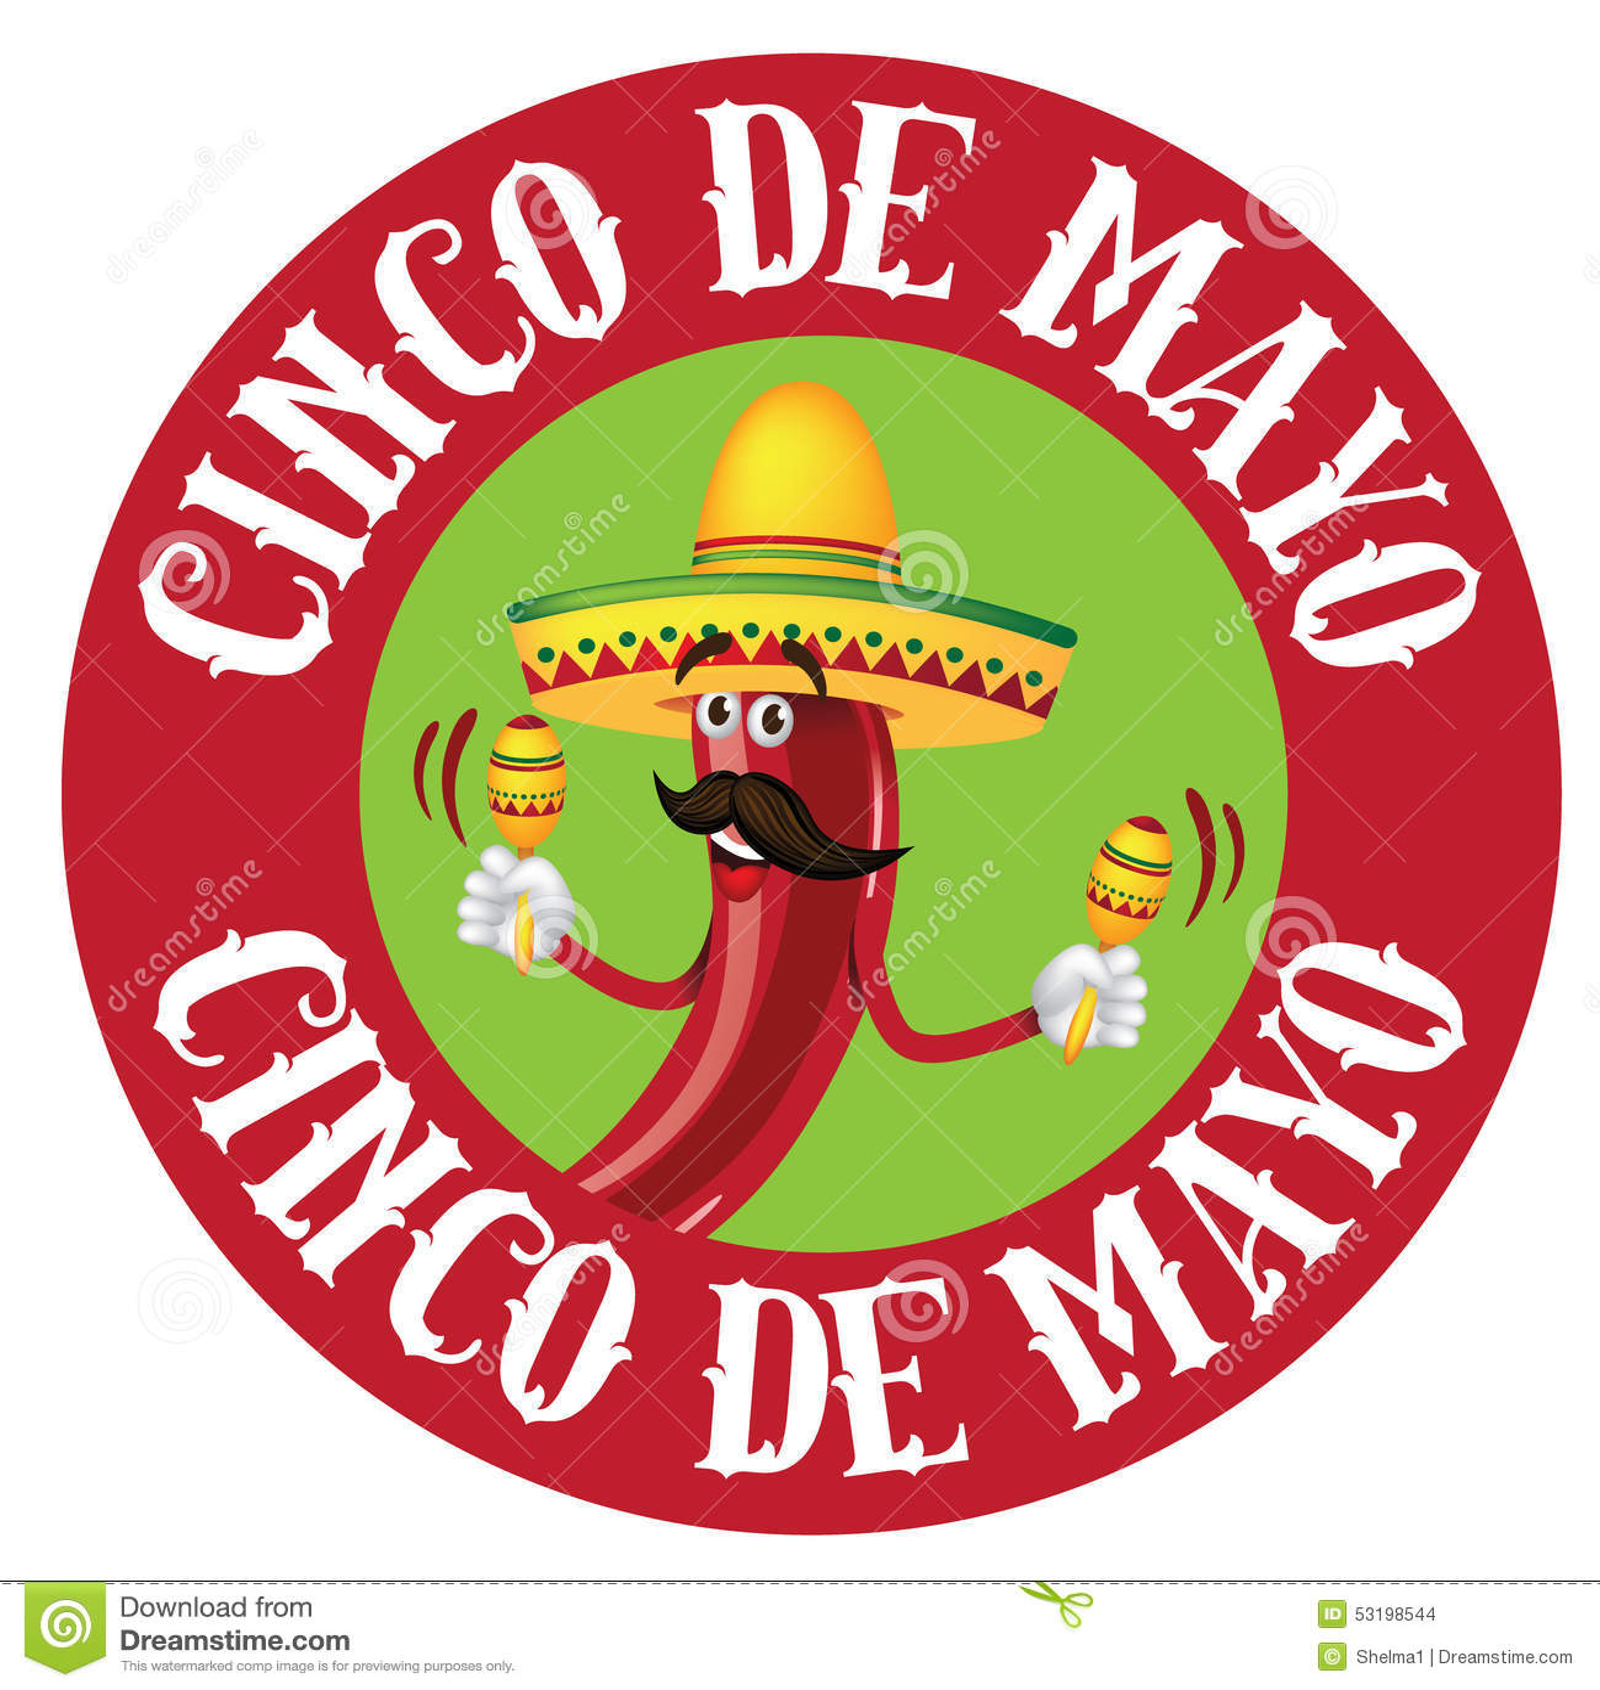 Cinco De Mayo Round Chili Icon Stock Vector - Image: 53198544